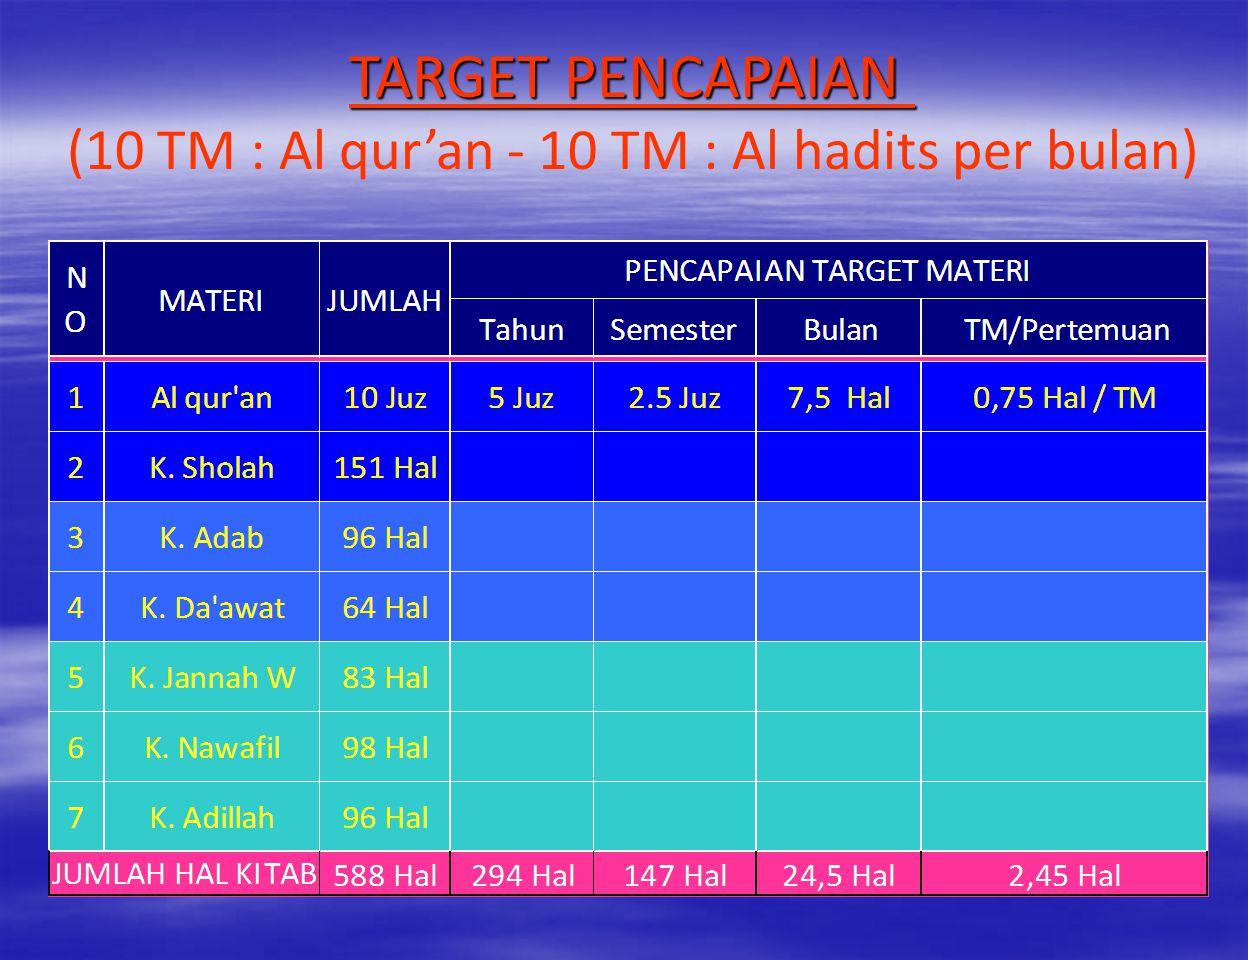 (10 TM : Al qur'an - 10 TM : Al hadits per bulan)